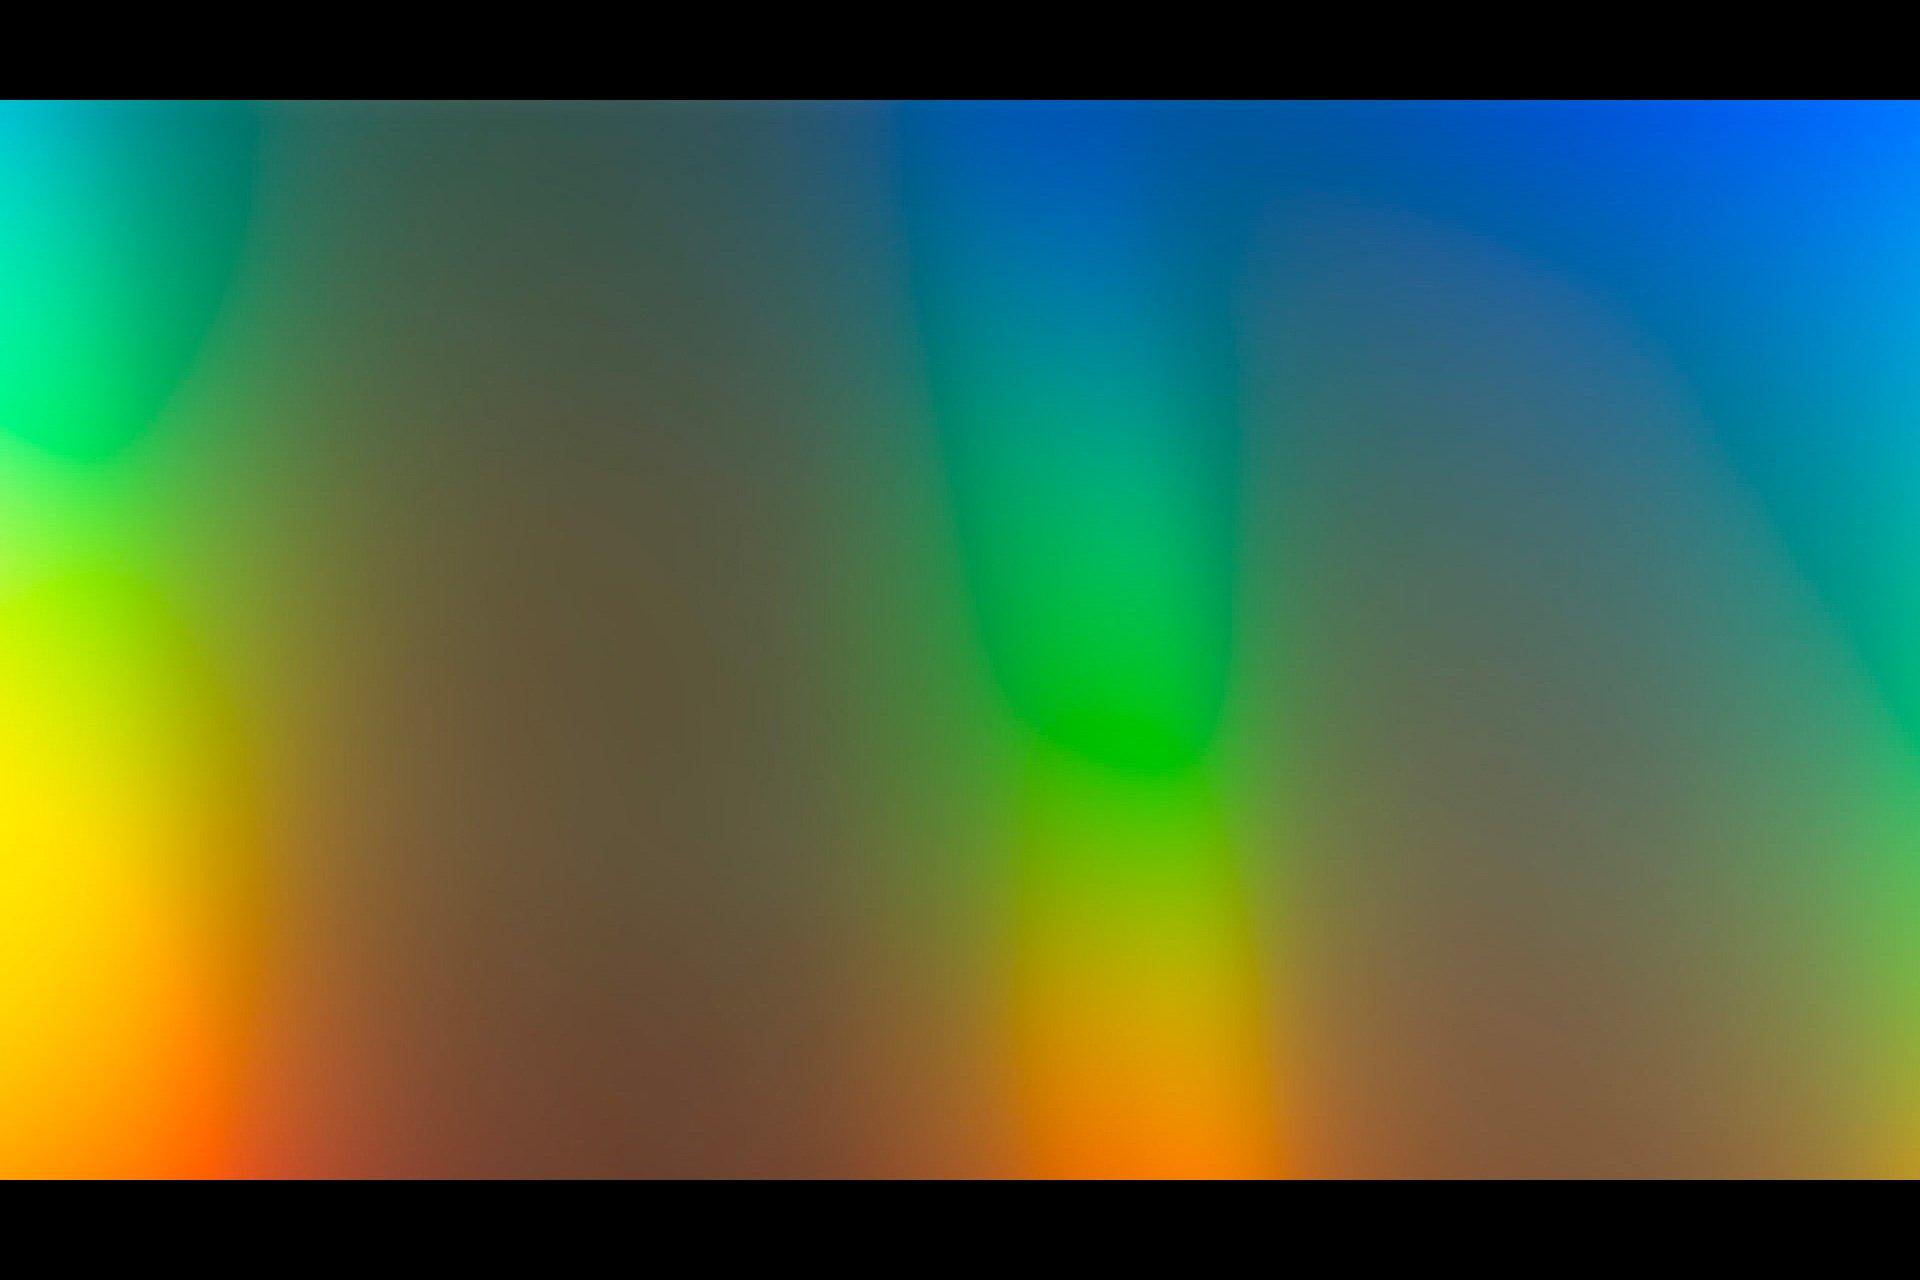 104款高清潮流全息渐变虹彩背景图片设计素材 104 4K Prism Textures插图(2)